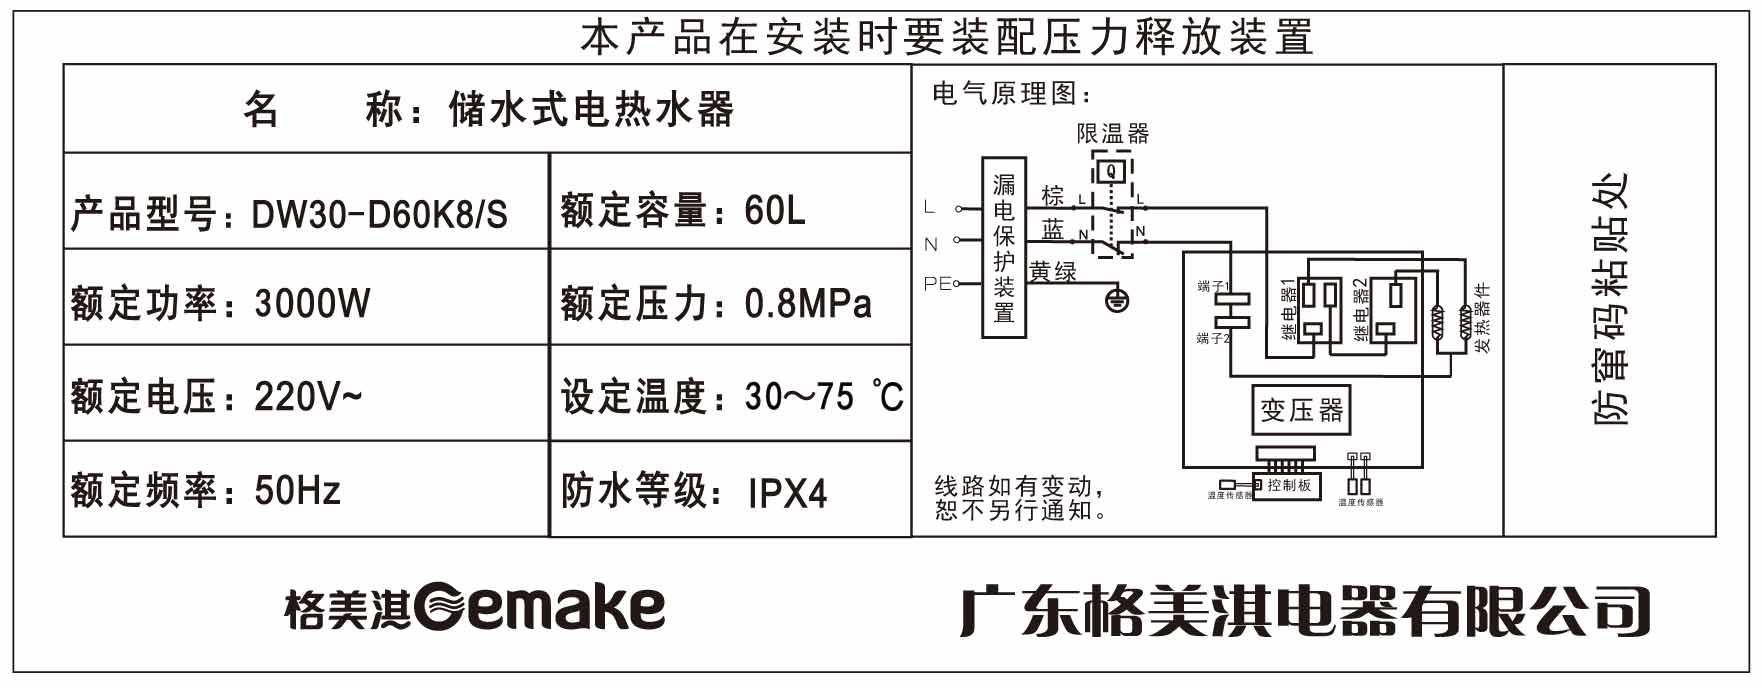 Elektrische warmwasserbereiter, Gemake/ gemei QI DW30-D60K8/S wasserspeicher konstanter temperatur Schnell heiß, 60 Liter